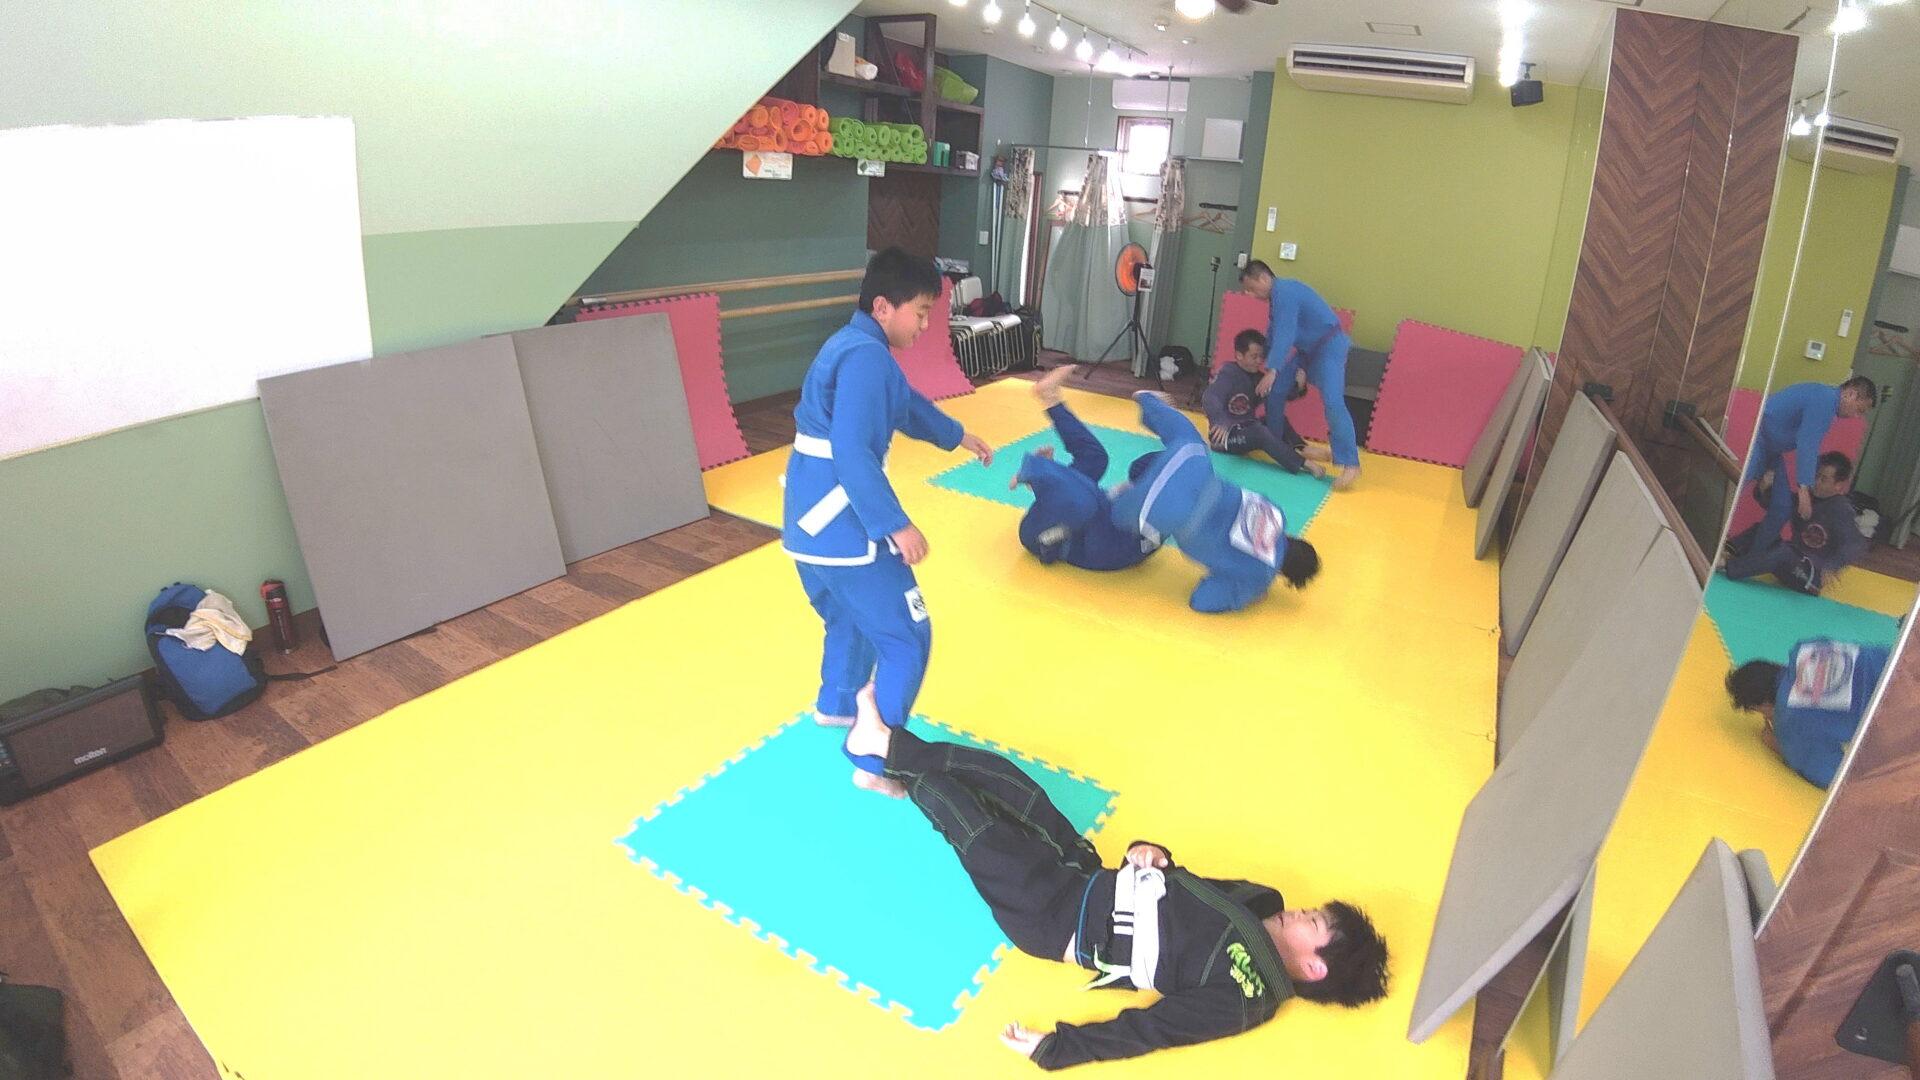 ブラジリアン 柔術 教室 北区 王子